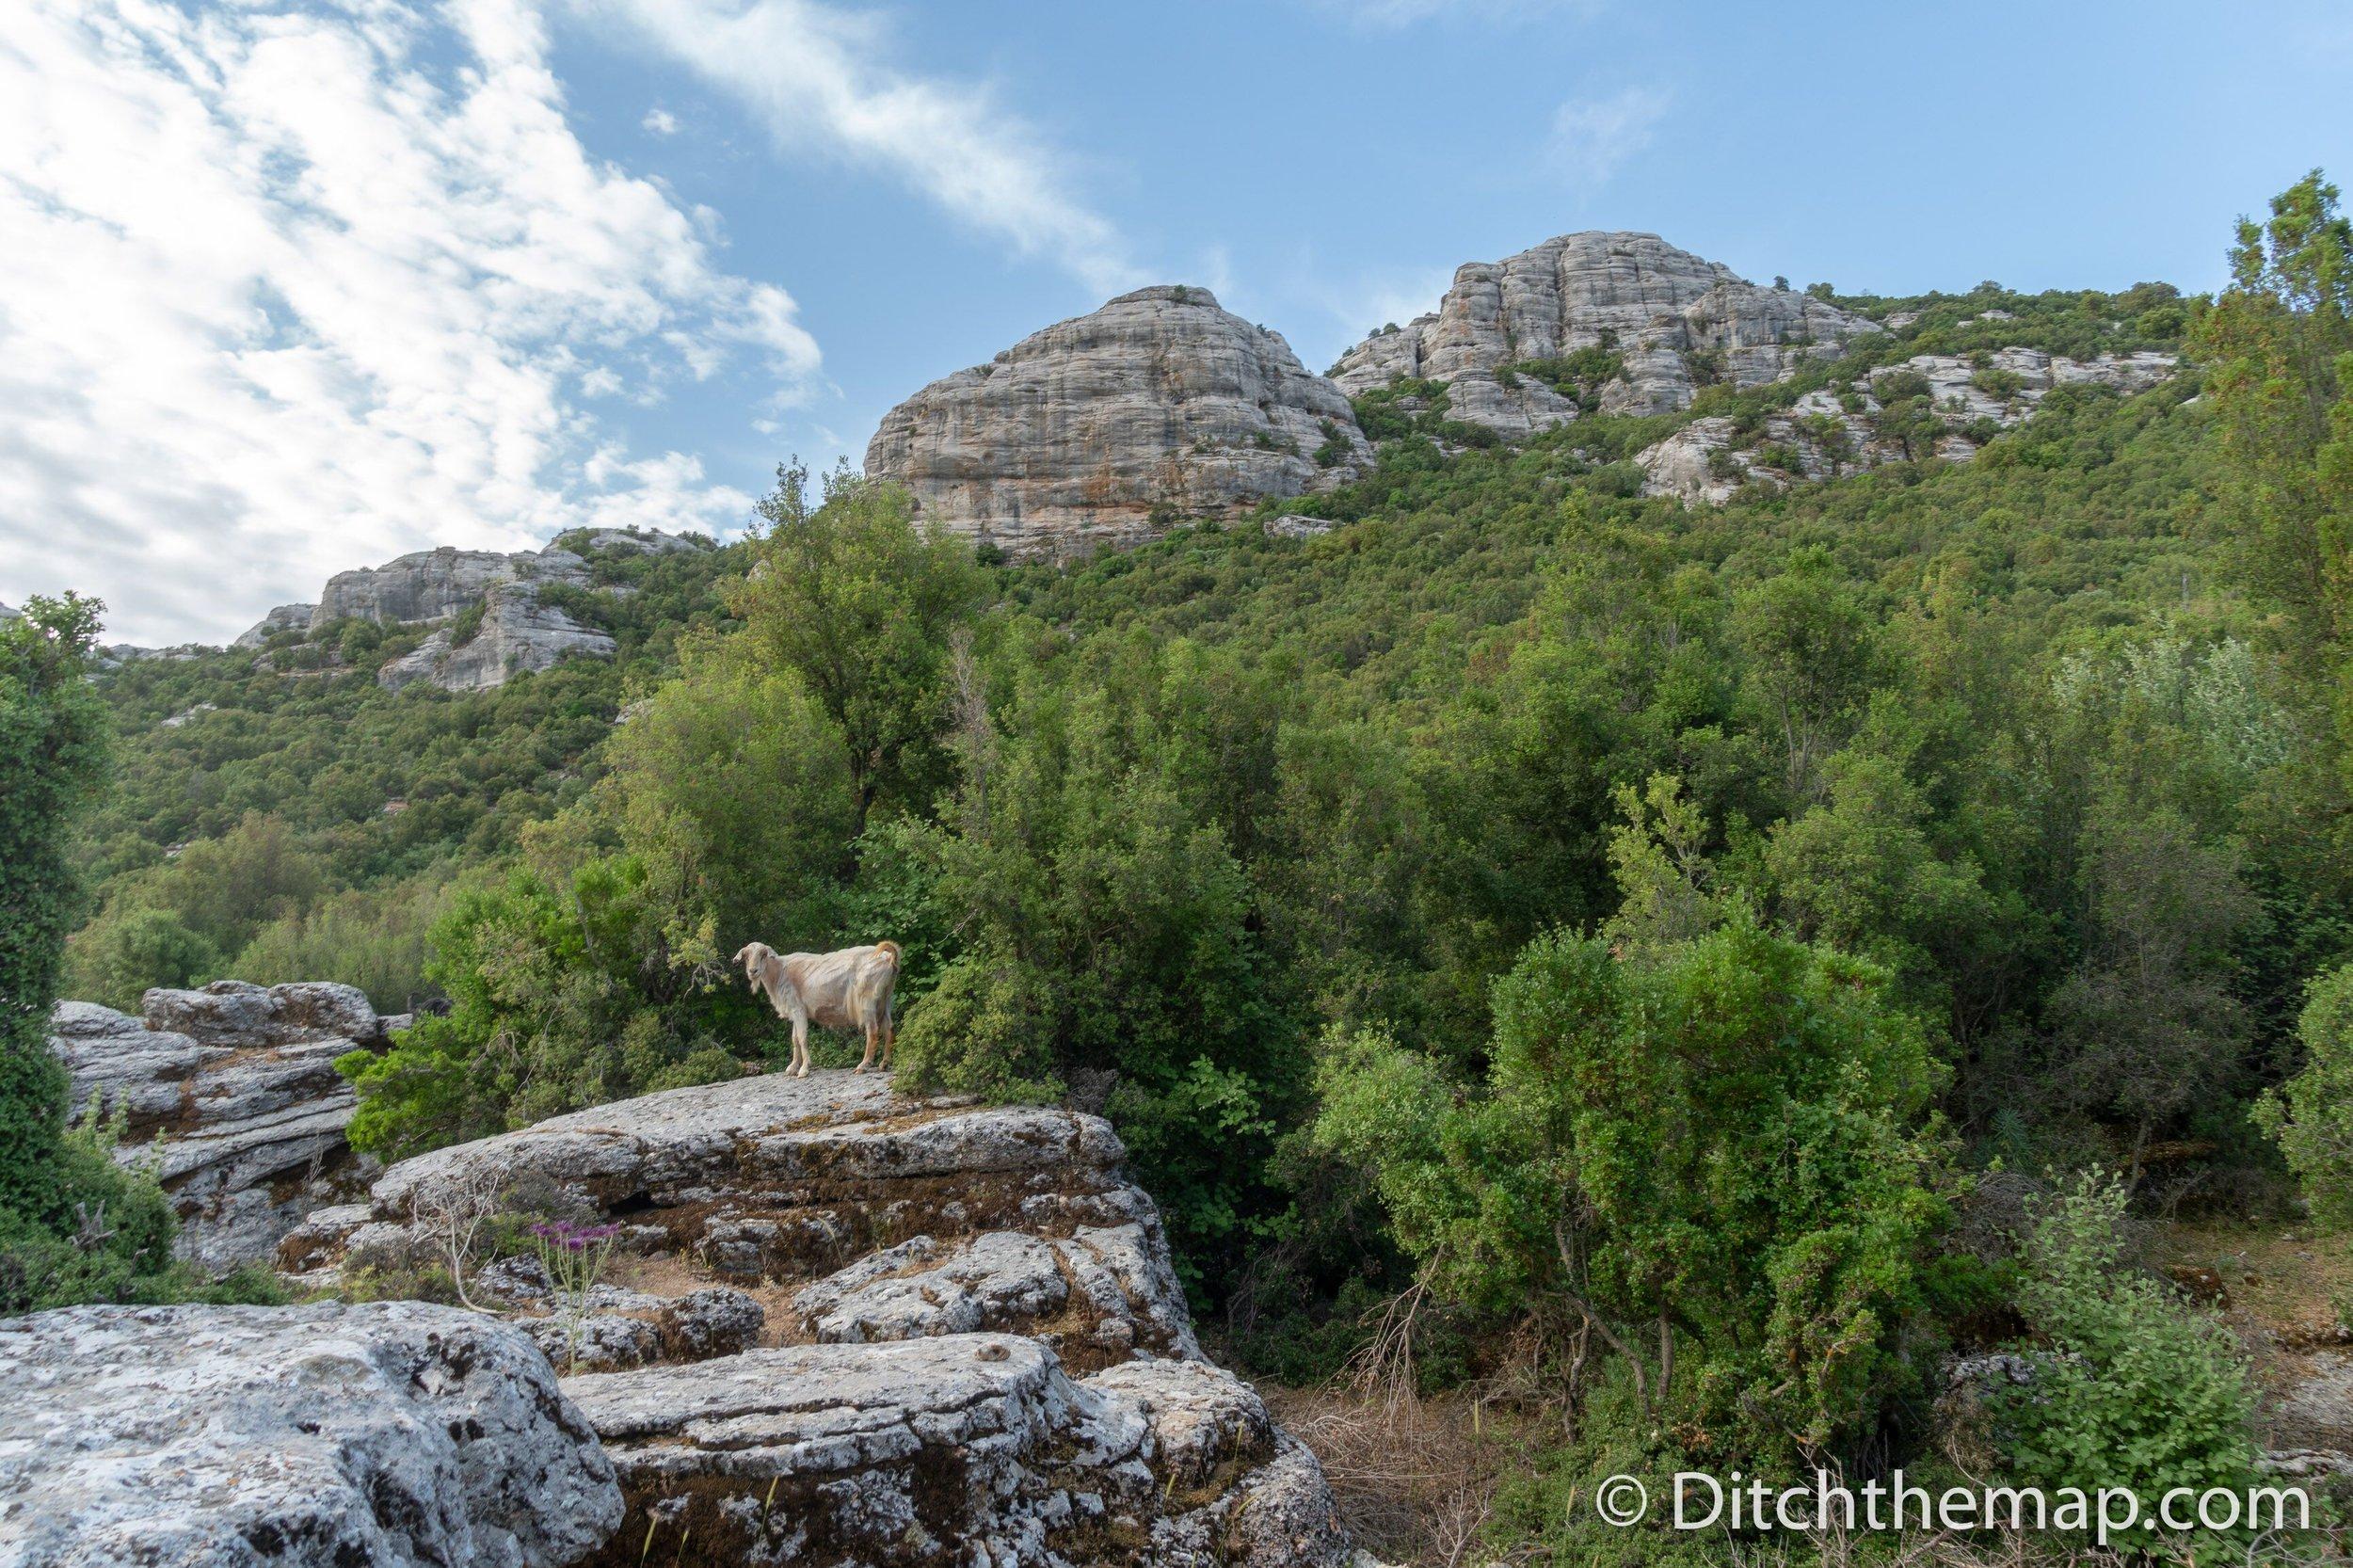 Funny goats climb atop rocks on the Lycian Way